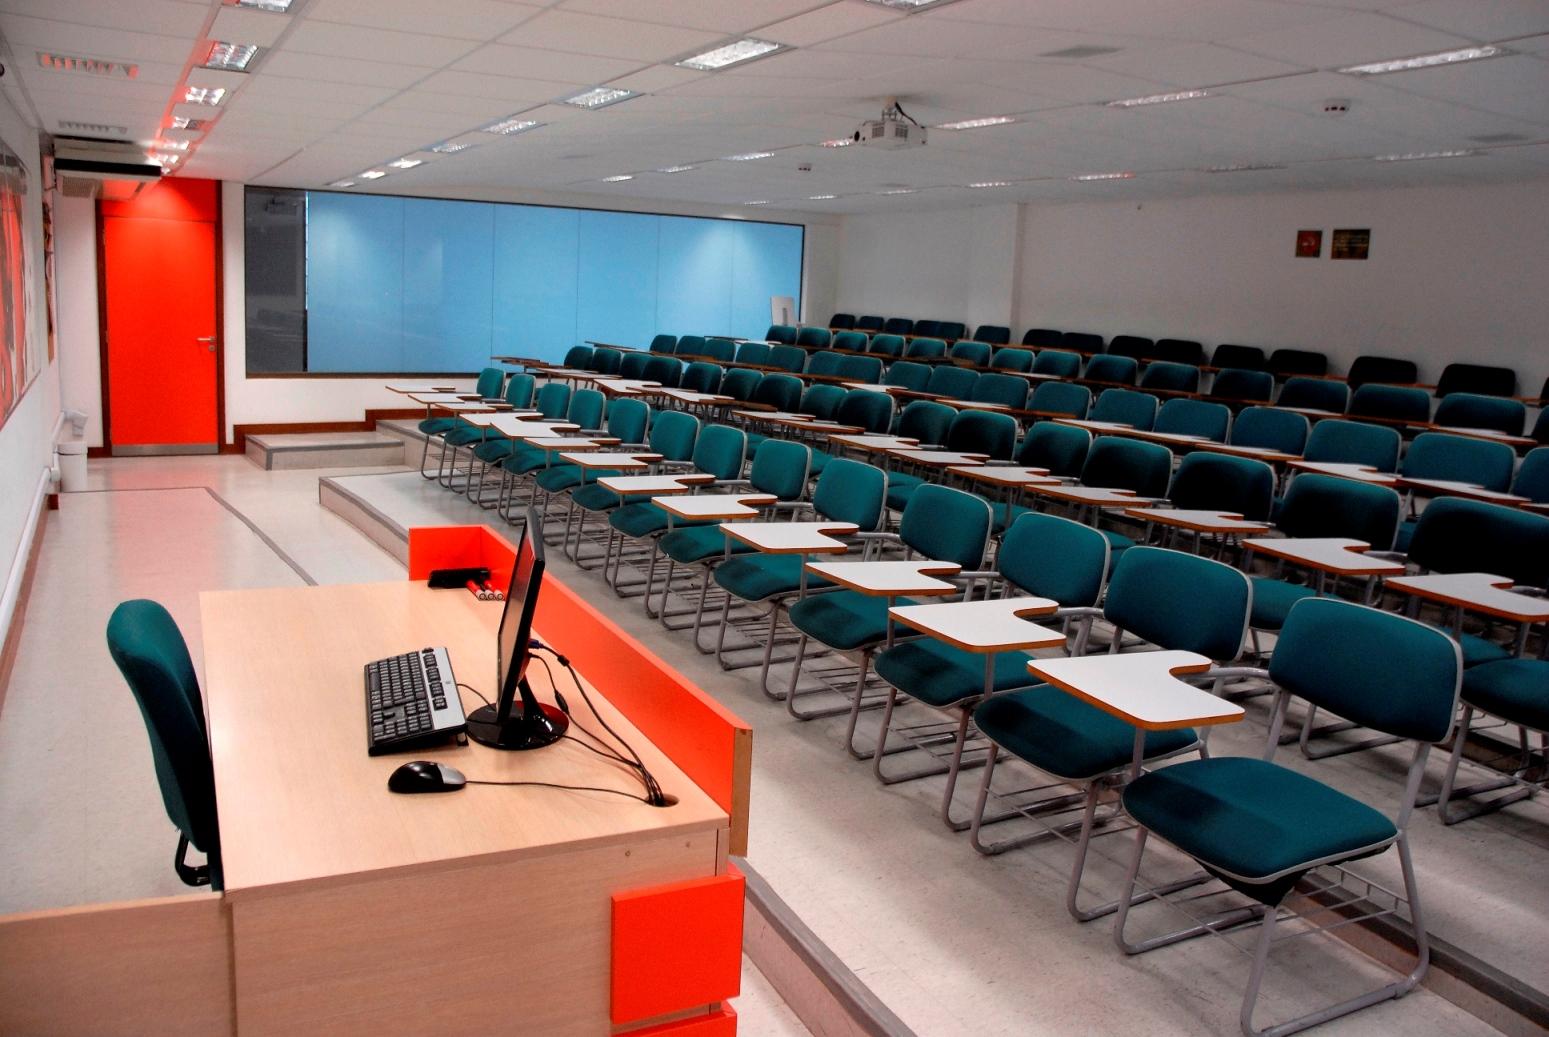 Graduação em Arquitetura e Design de Interiores na IBMR